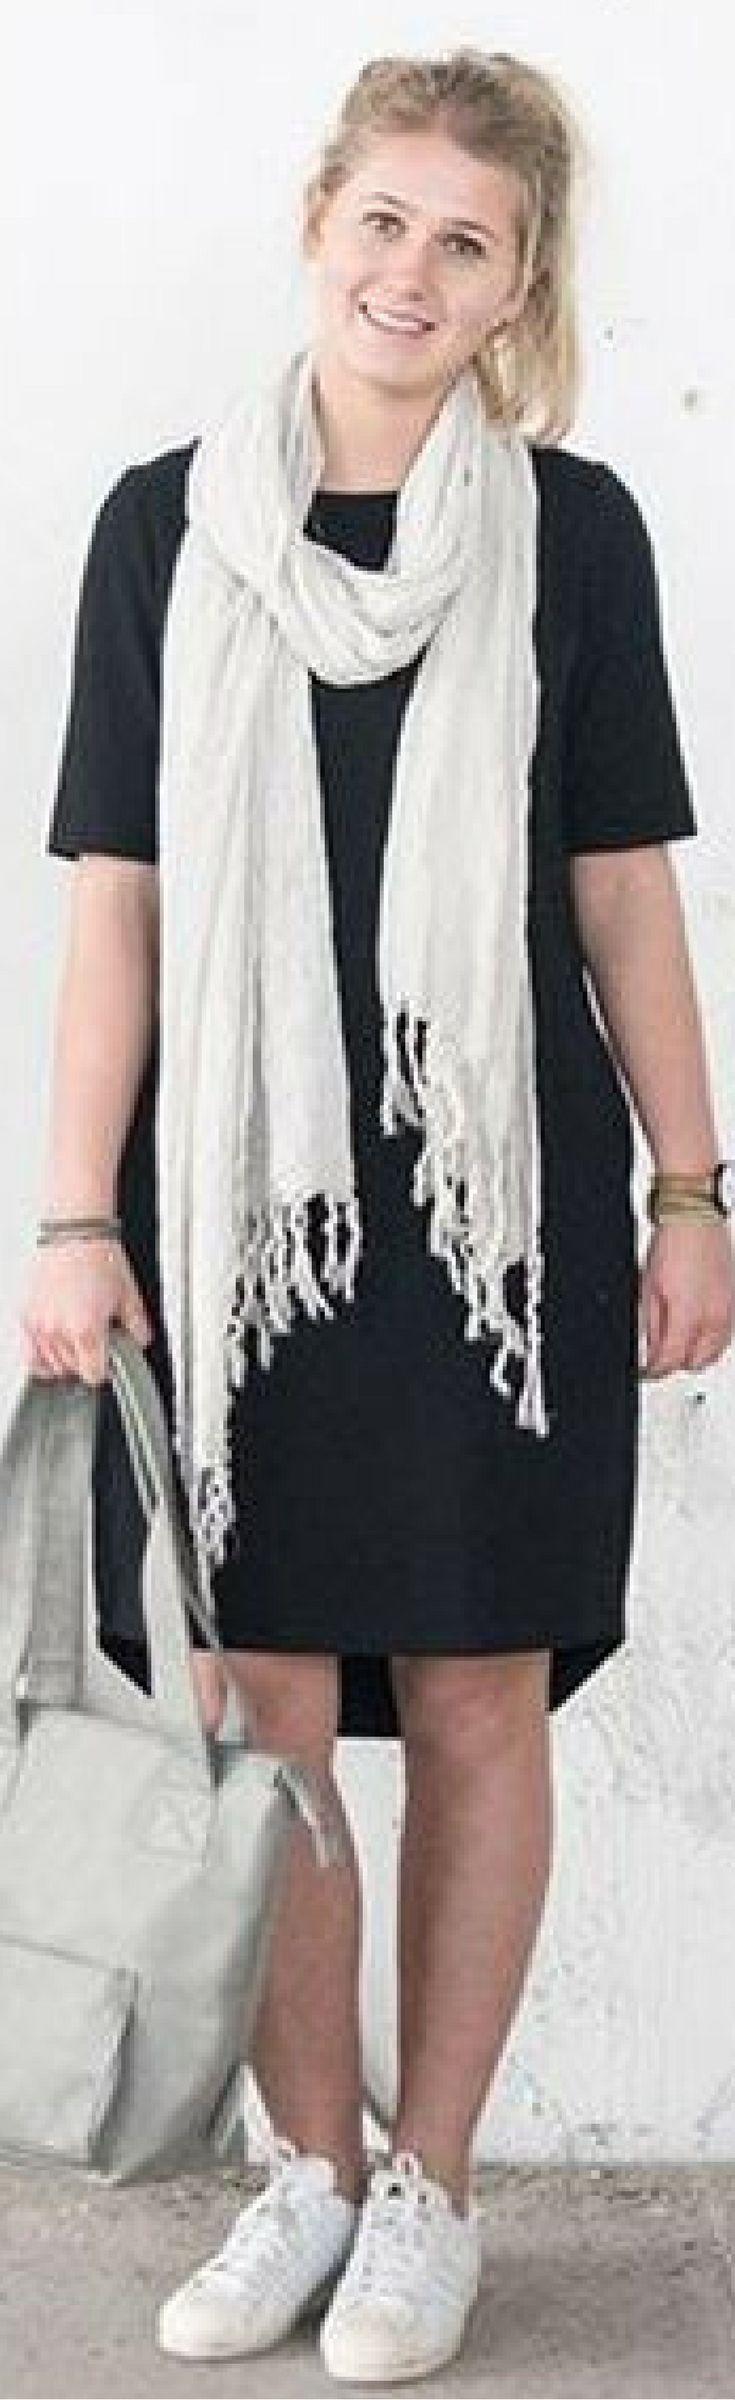 Zusss leuk kort jurkje. Dit uni jurkje heeft korte mouwen en een ronde hals. 95% katoen, 5% elasthan